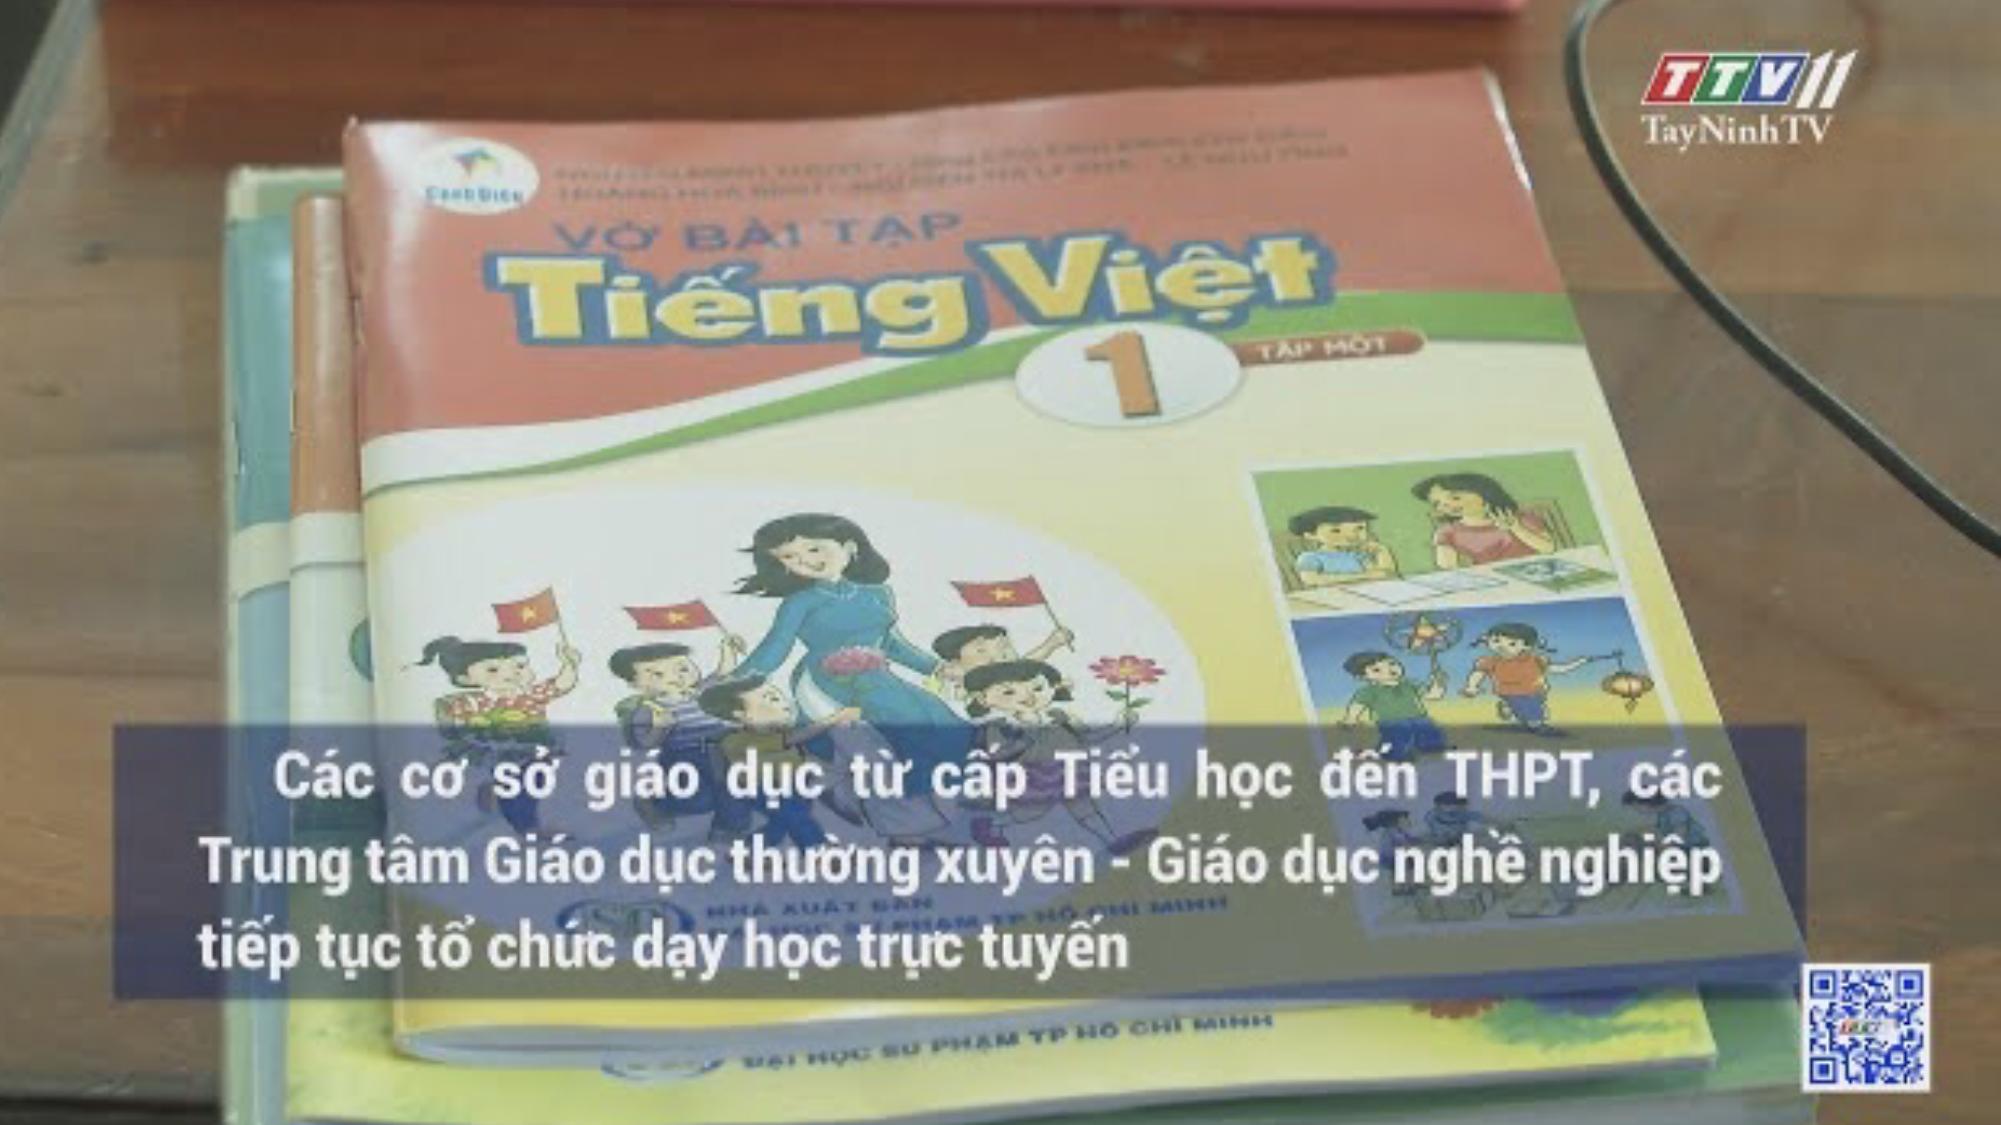 HỌC SINH TÂY NINH TIẾP TỤC HỌC TRỰC TUYẾN | Tin tức hôm nay | TayNinhTV